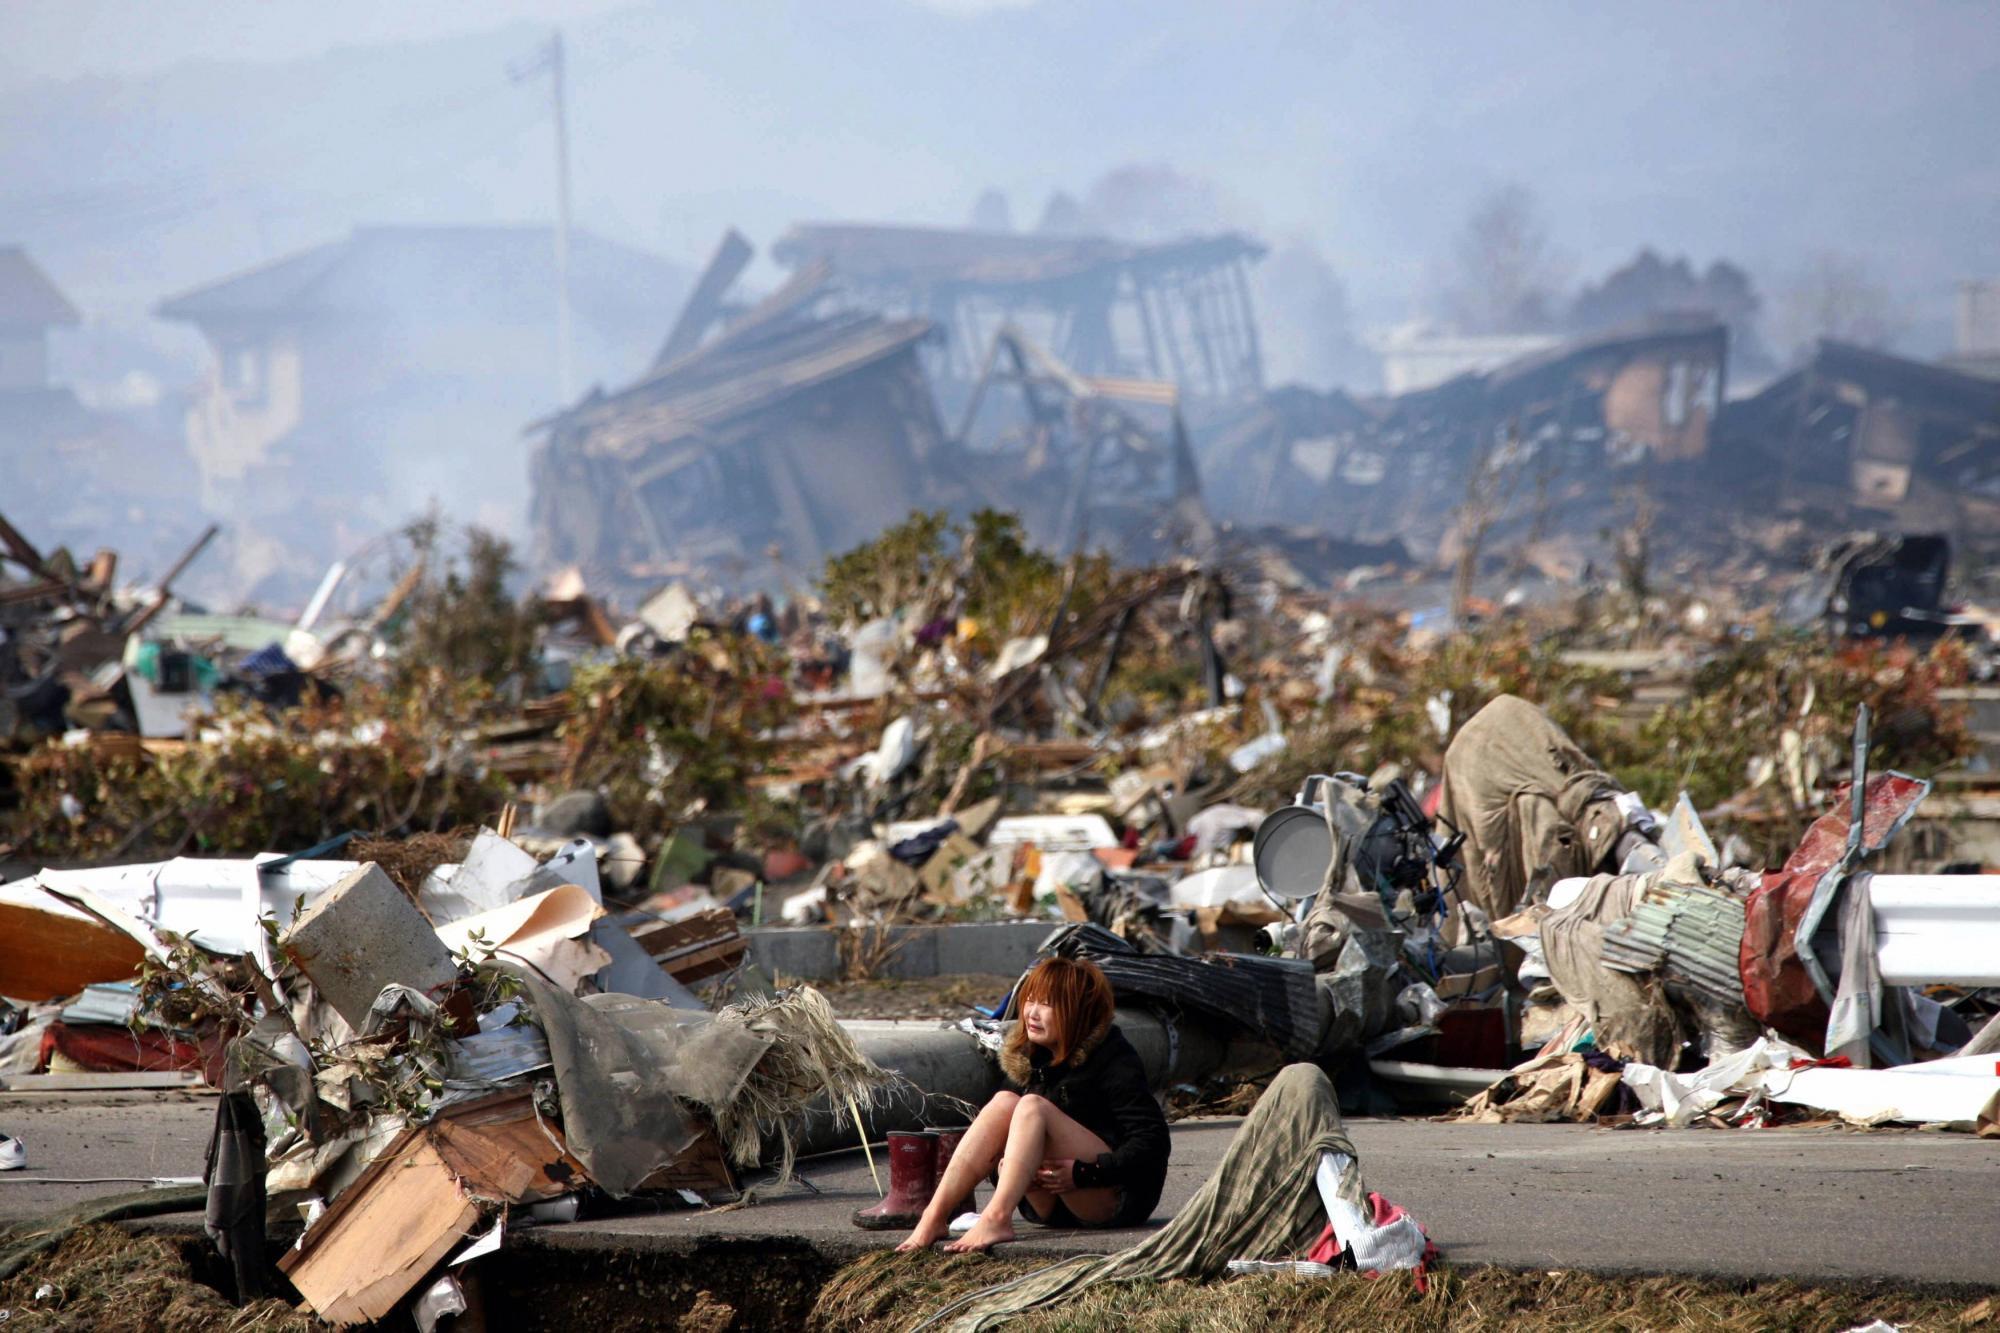 日本海啸图片 - 19号 - 19号的博客